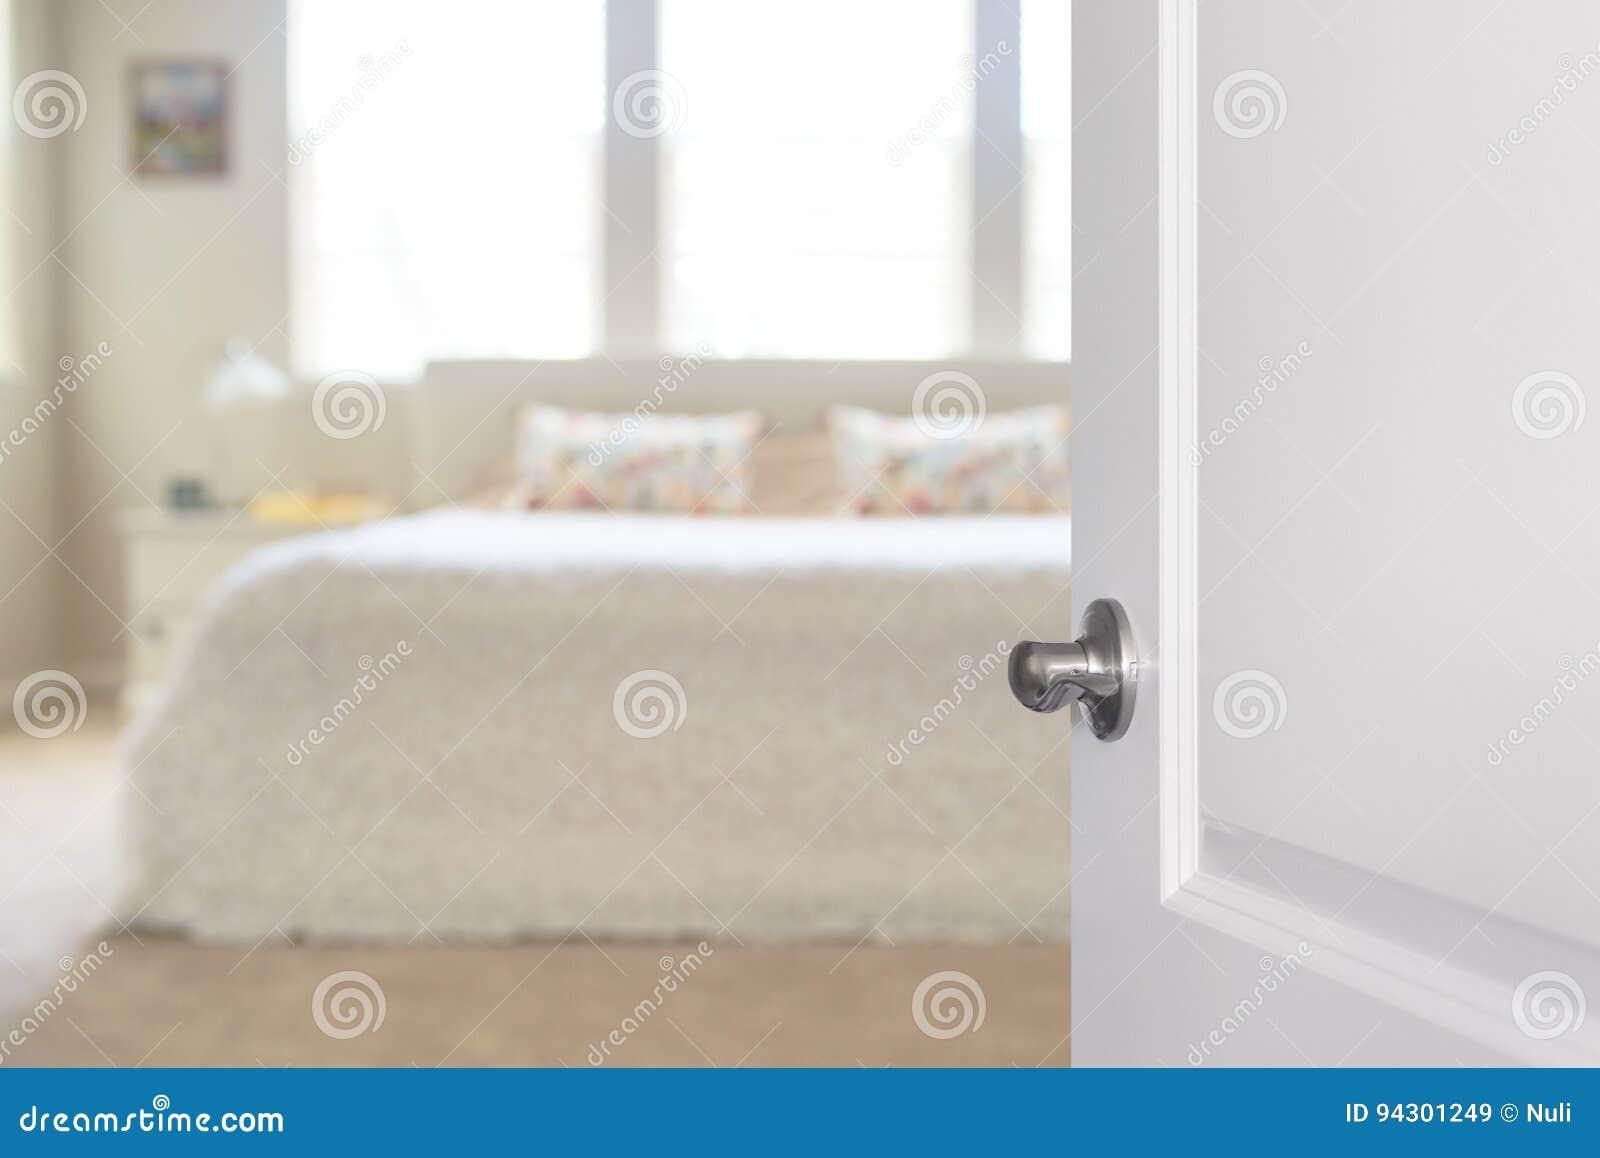 Riscaldare Camera Da Letto porta bianca aperta alla camera da letto immagine stock